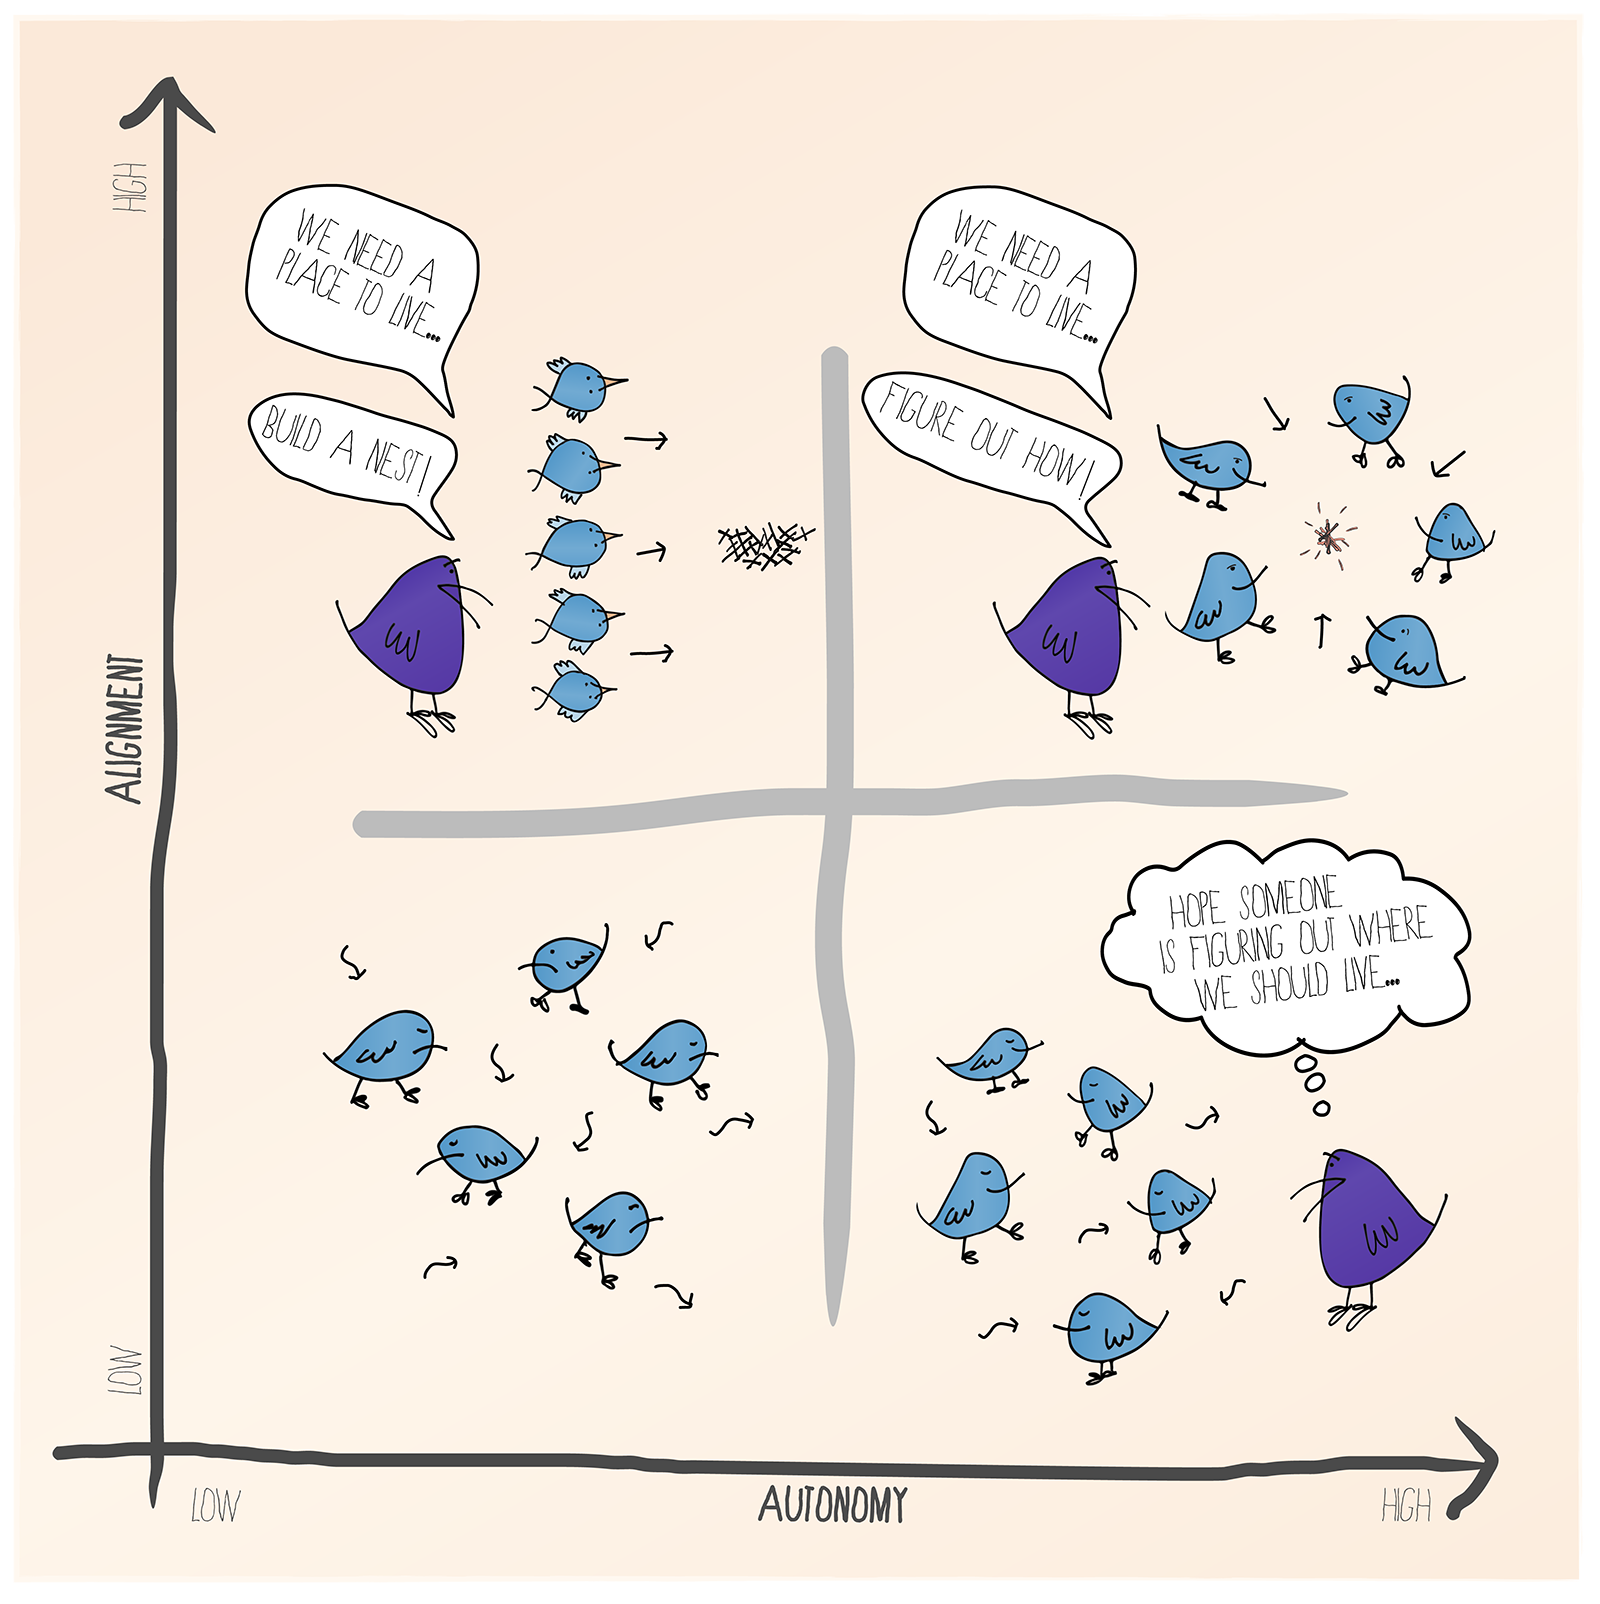 chart alignment vs autonomy